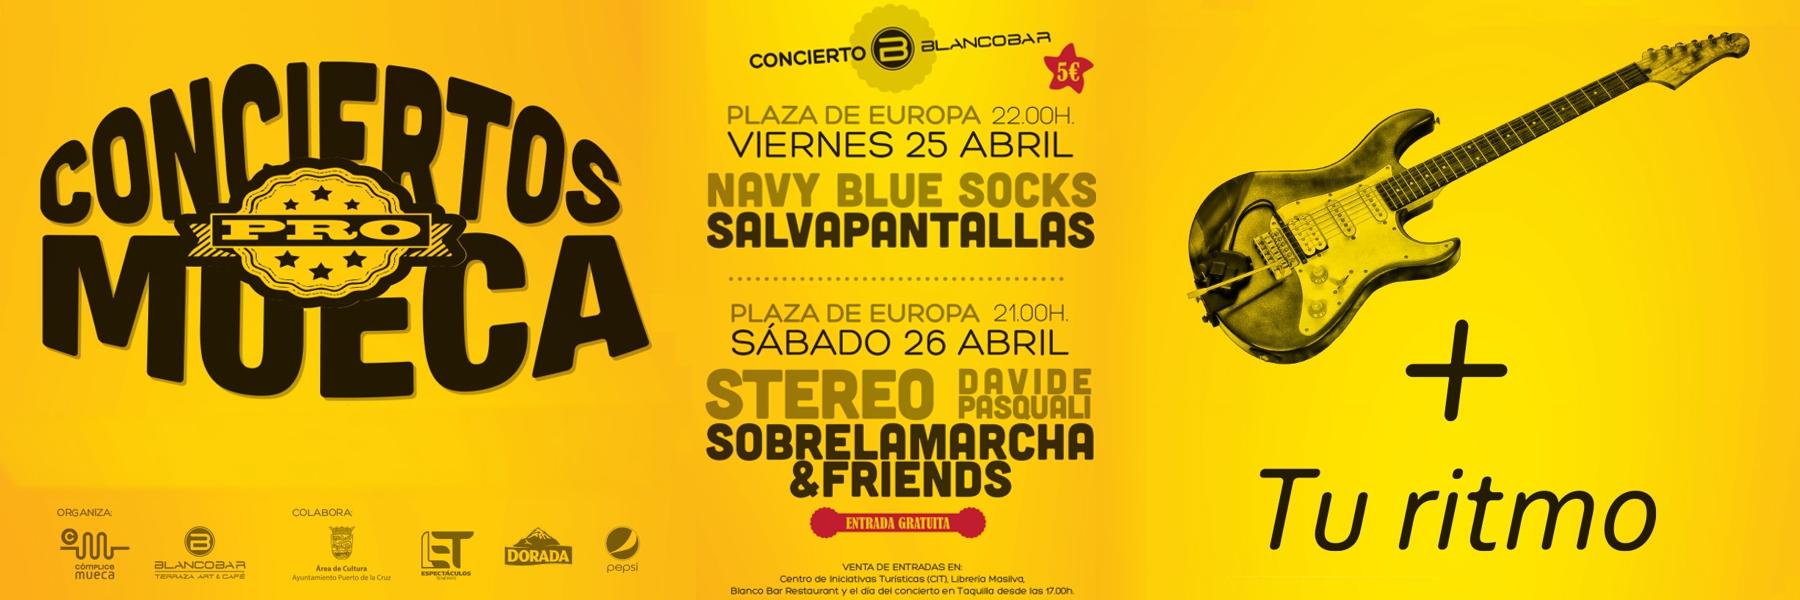 Conciertos ProMueca 2014